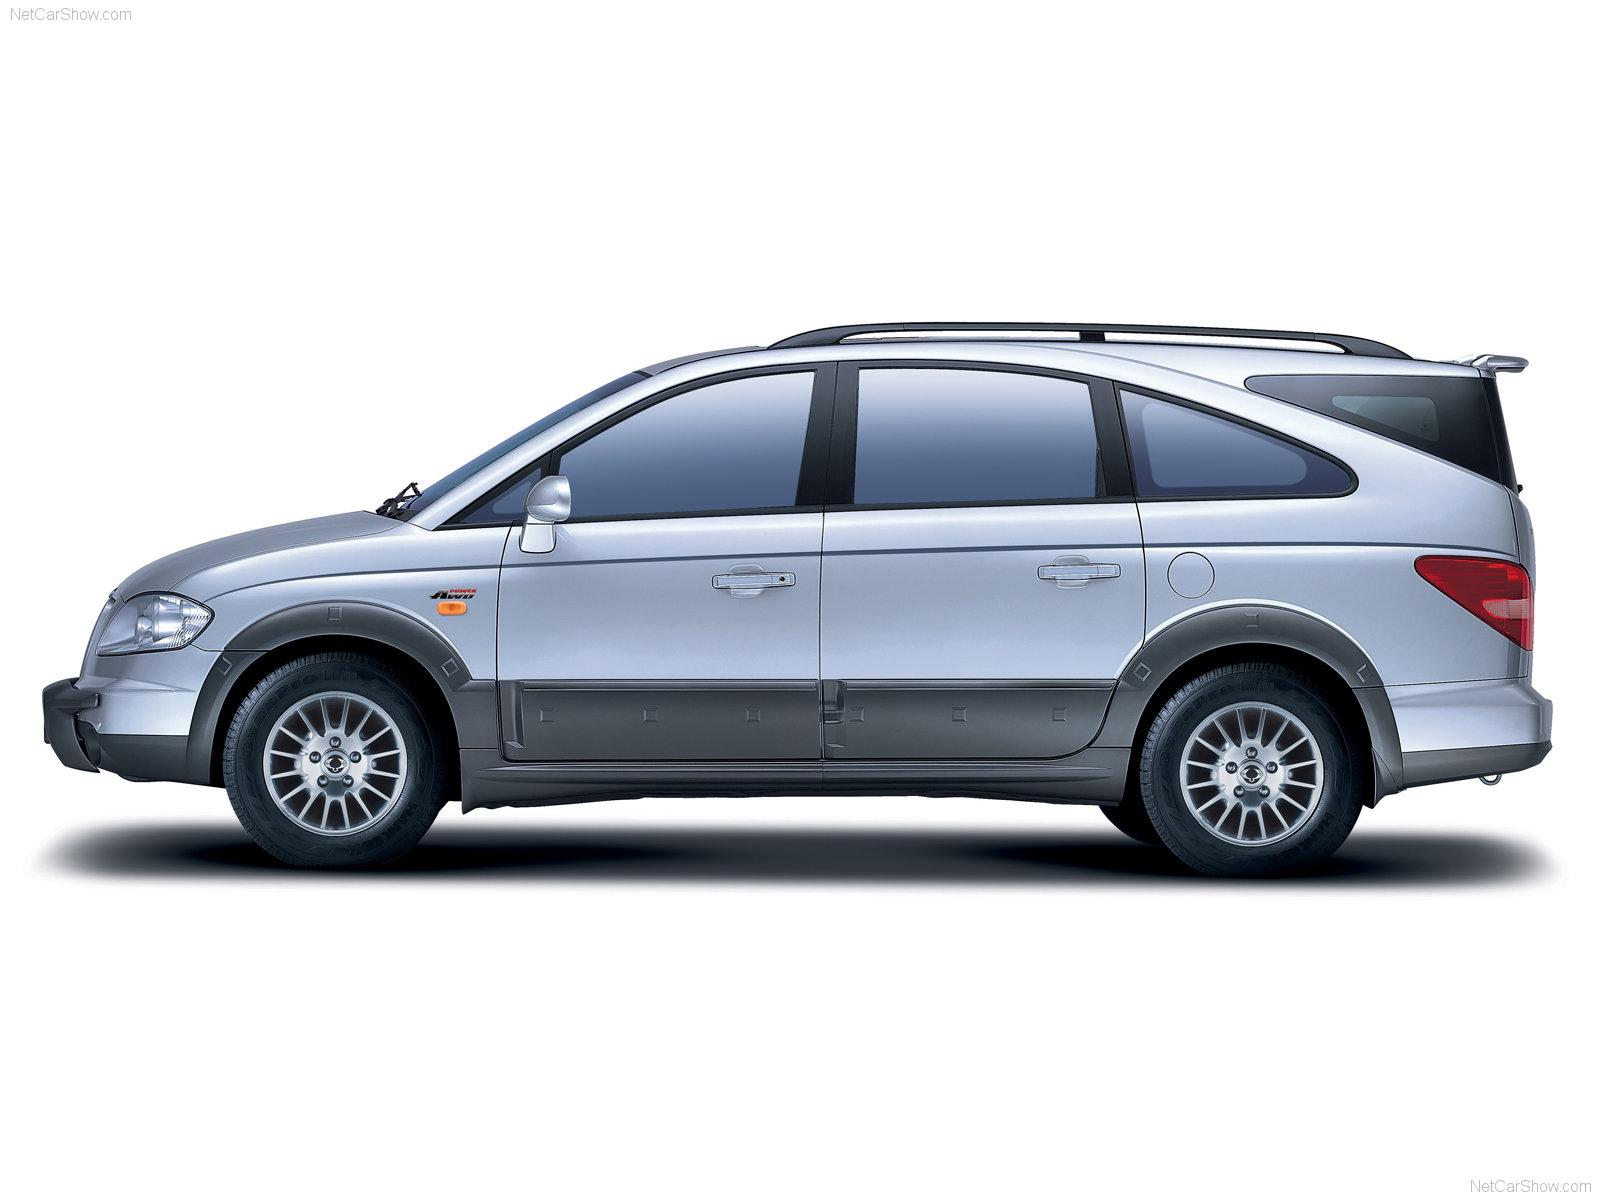 Hình ảnh xe ô tô SsangYong Rodius 2004 & nội ngoại thất